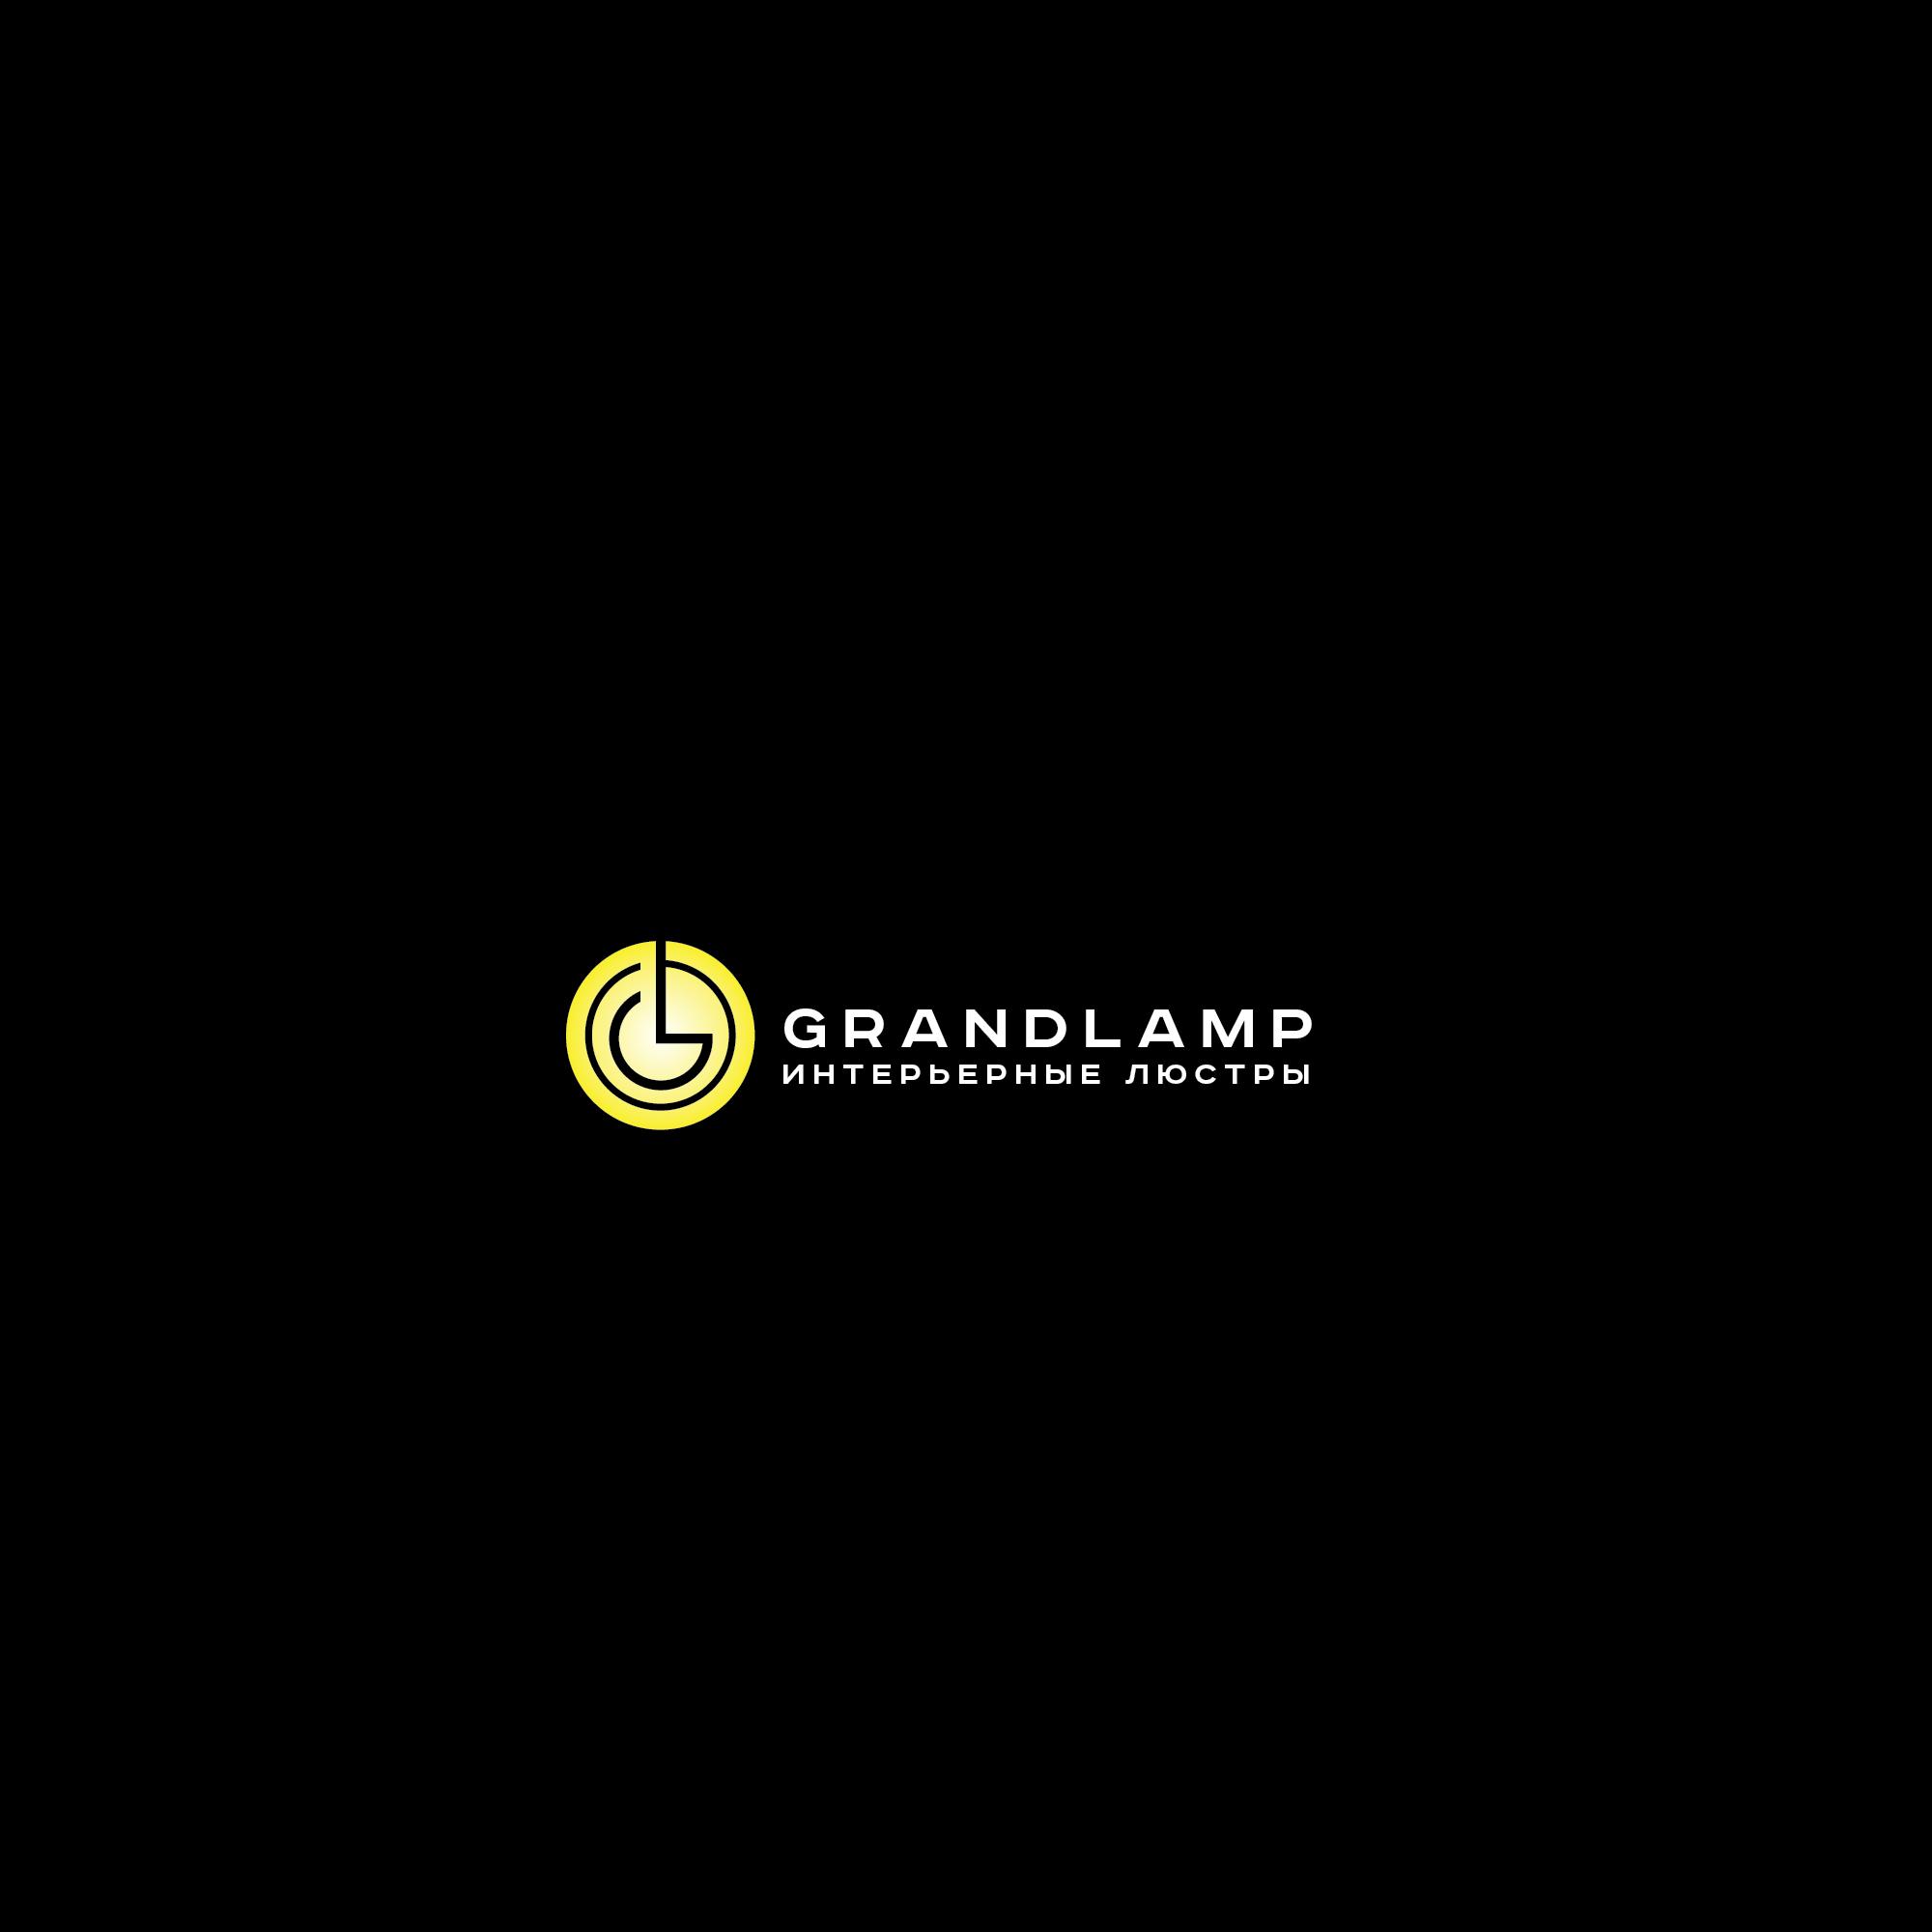 Разработка логотипа и элементов фирменного стиля фото f_20857e11d9a07126.jpg